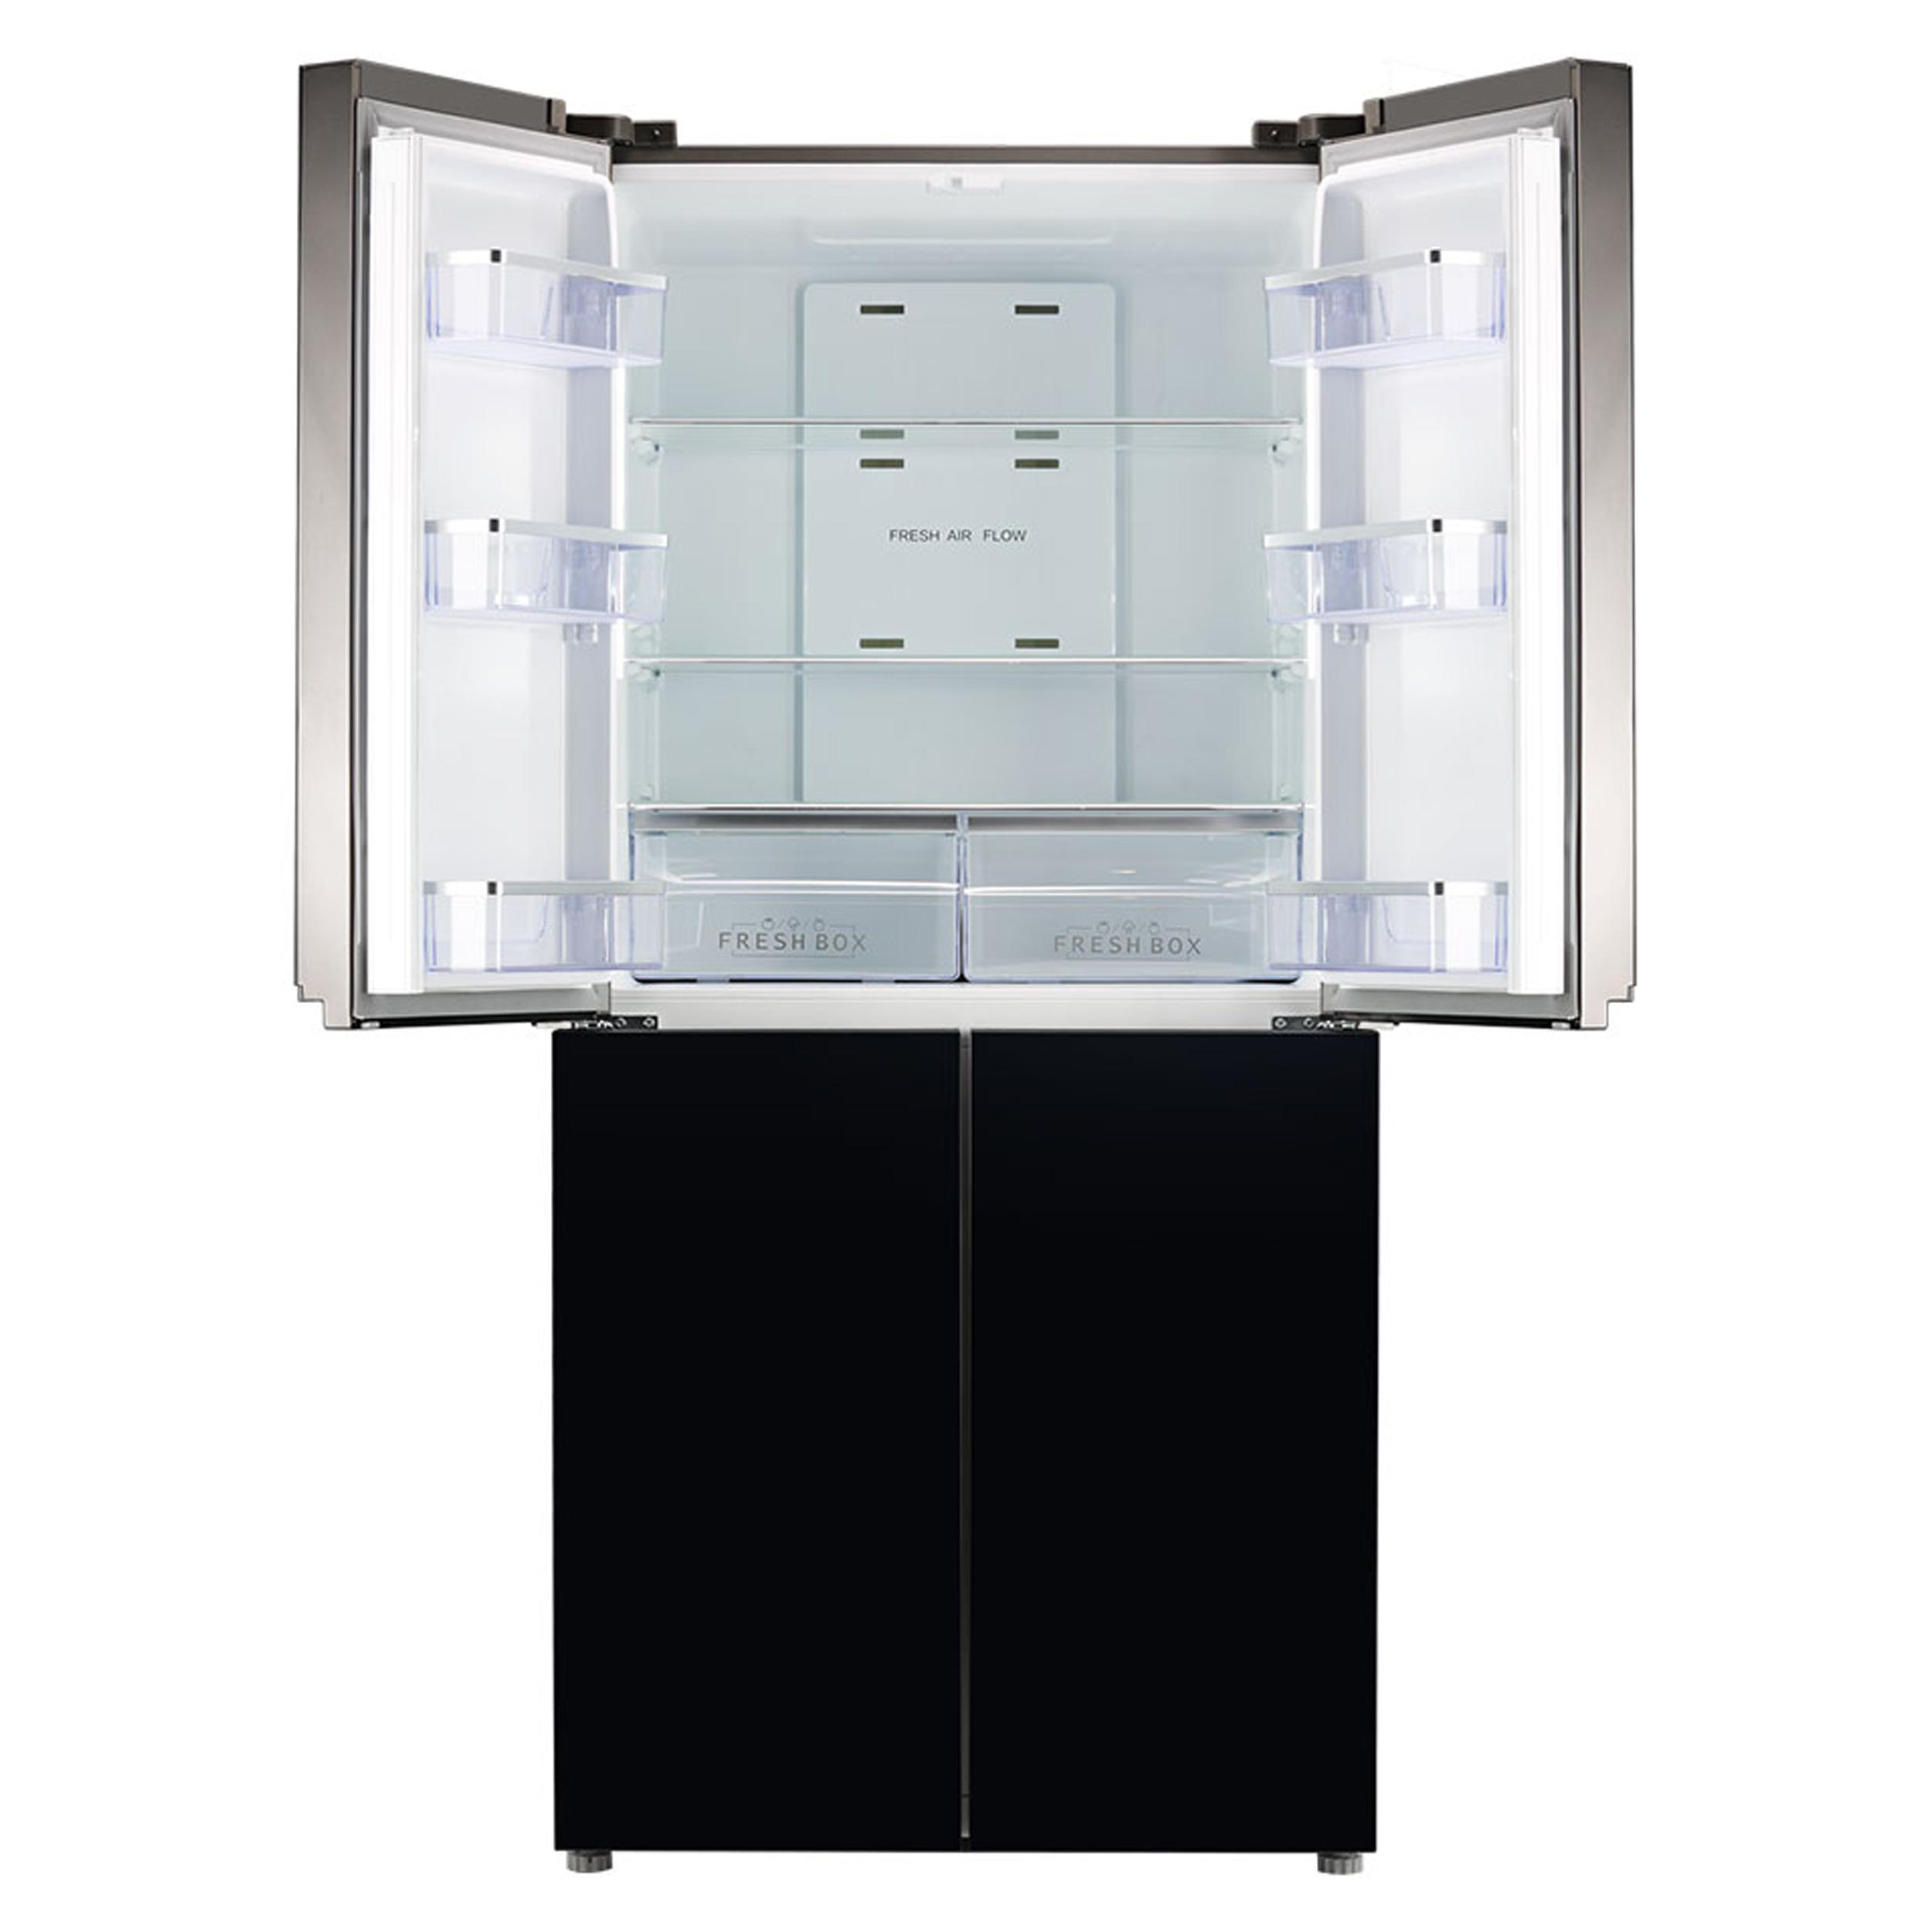 یخچال و فریزر ساید بای ساید جی پلاس مدل GSS-J906BG